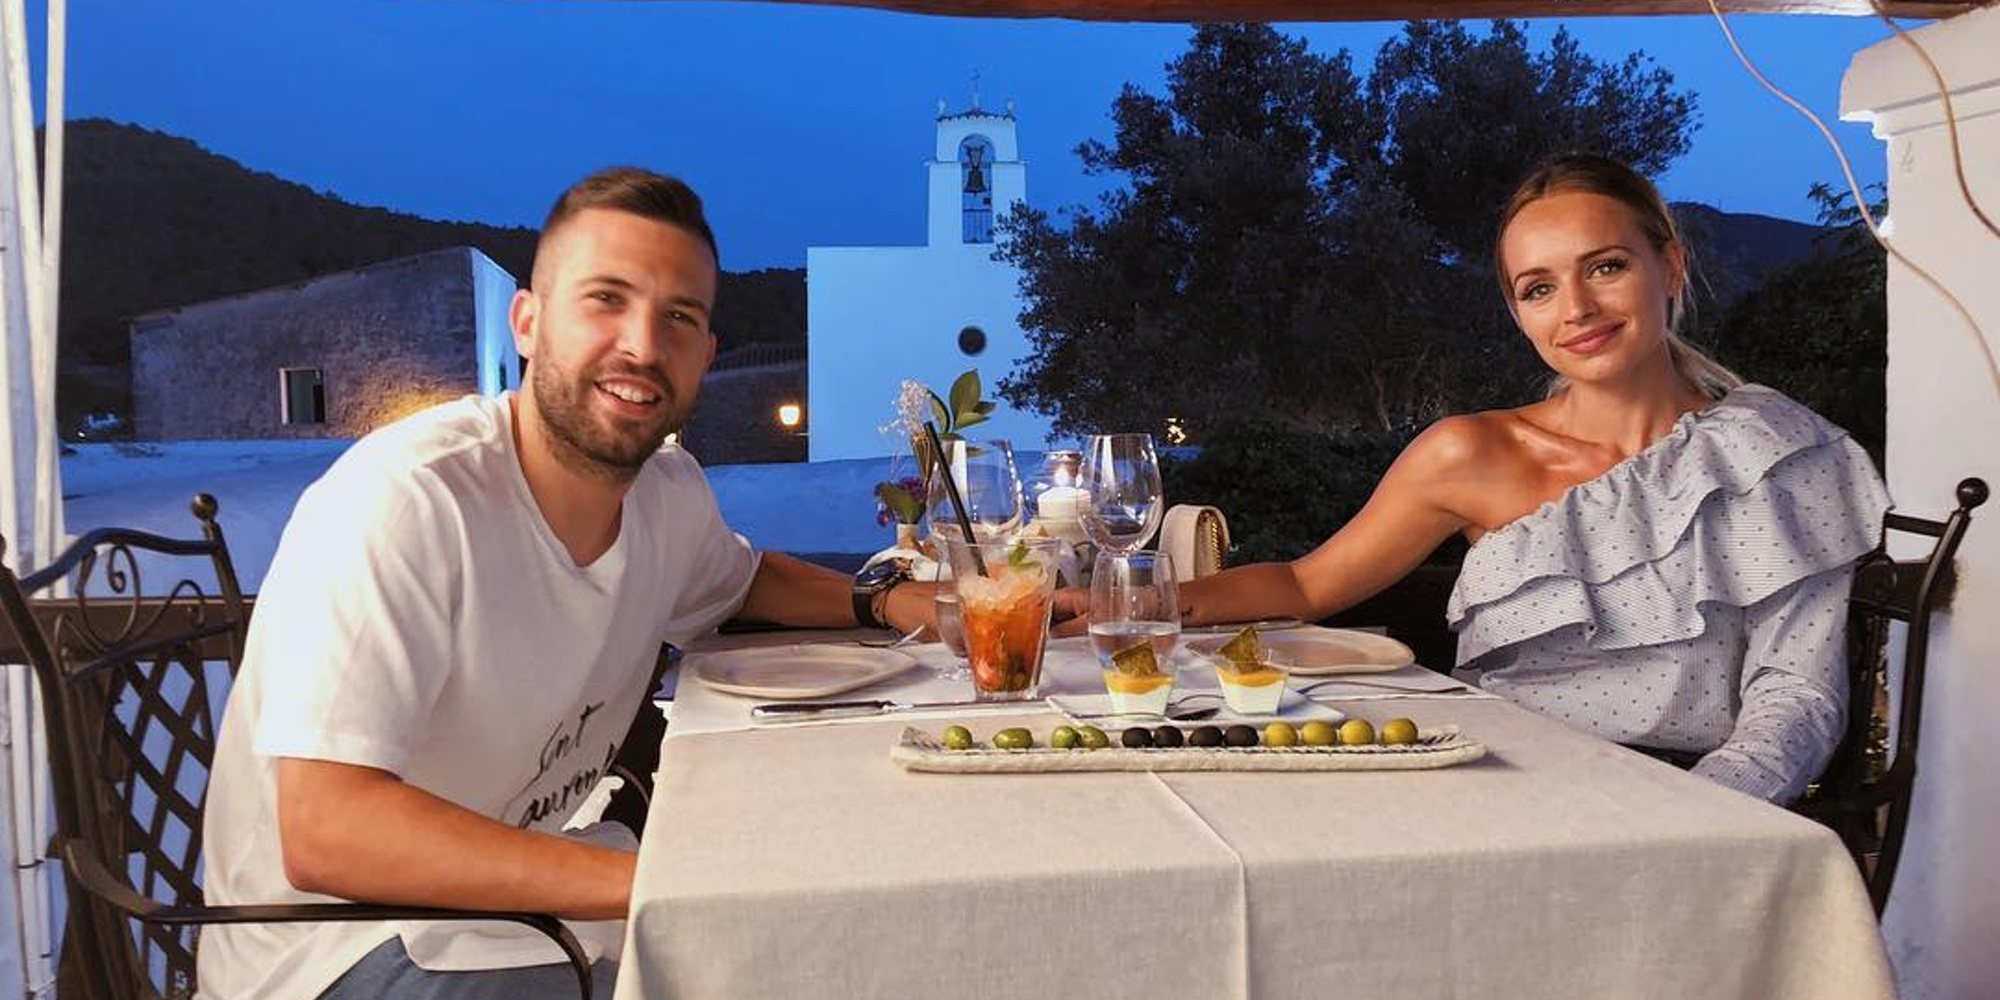 Romarey Ventura y Jordi Alba continuan de vacaciones románticas por las Islas Baleares